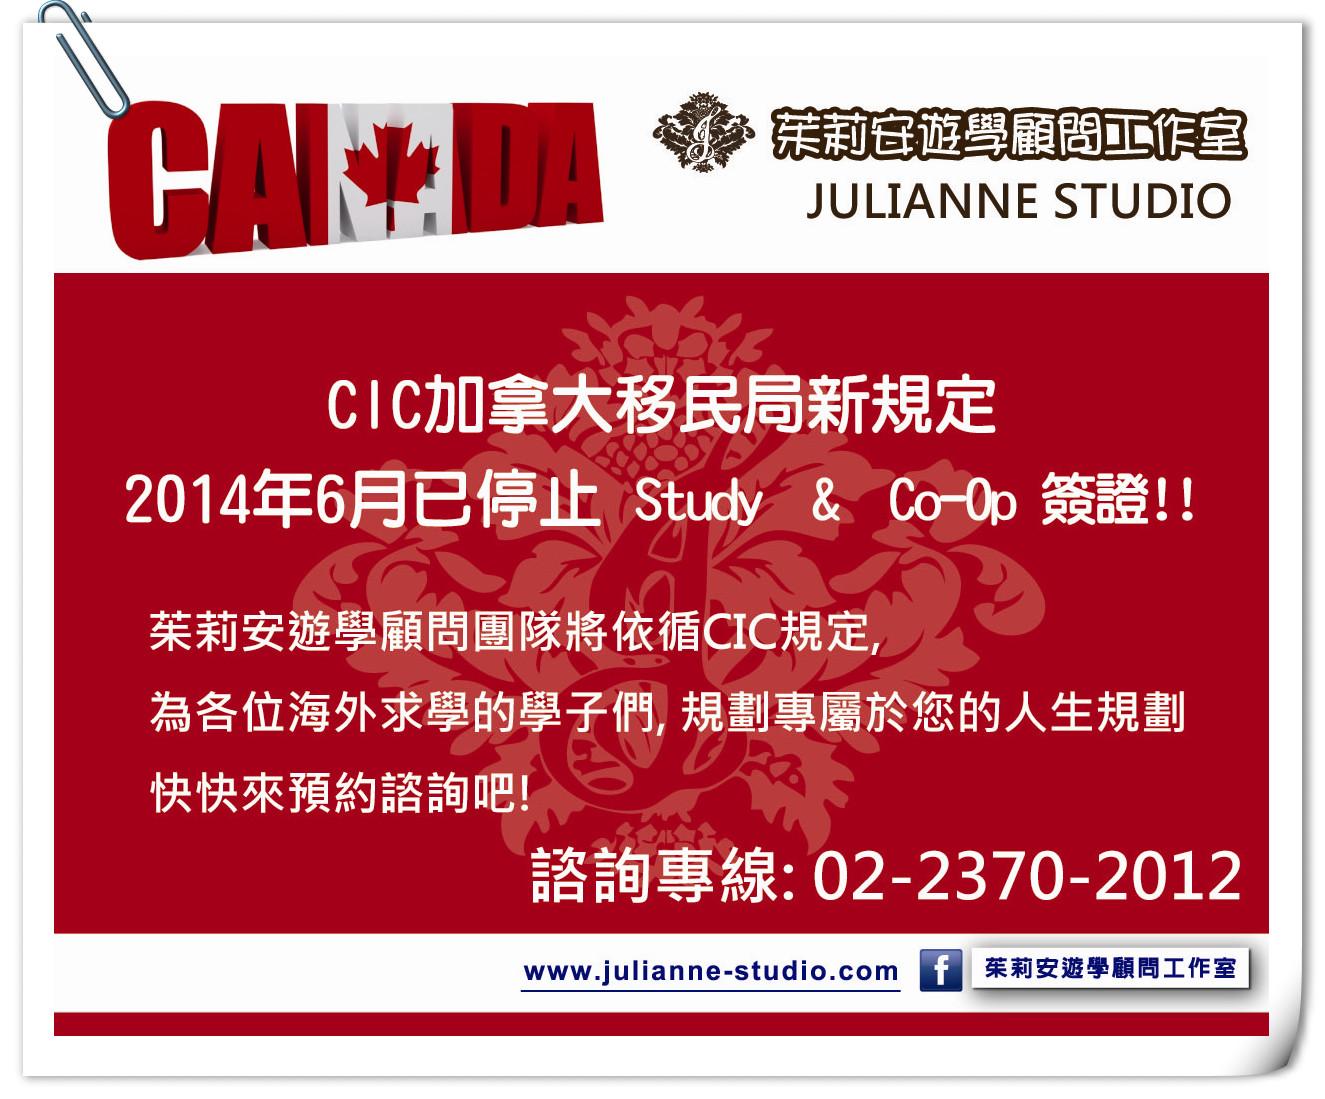 Study-Co-Op